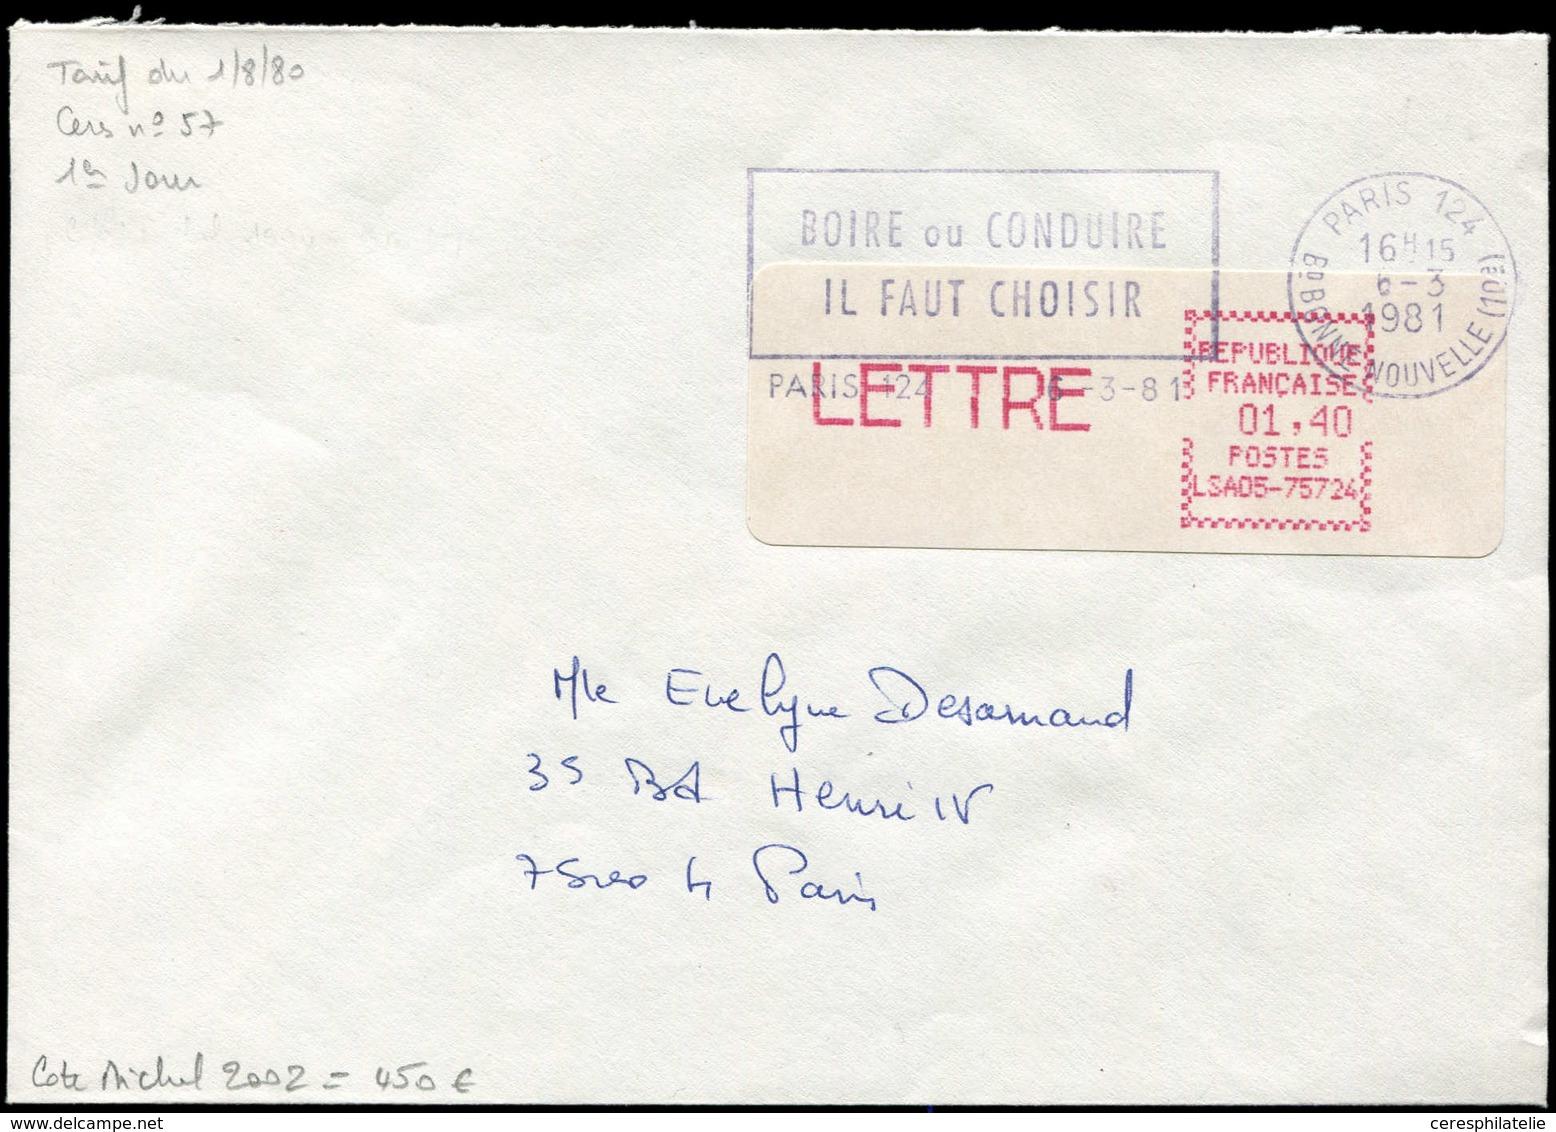 Let Spécialités Diverses - L.S.A. 57 : LSA05-75724, 1,40 LETTRE, Obl. Paris 124 6/3/81 (1er Jour) S. Env., TB, Cote Mich - Vignettes D'affranchissement